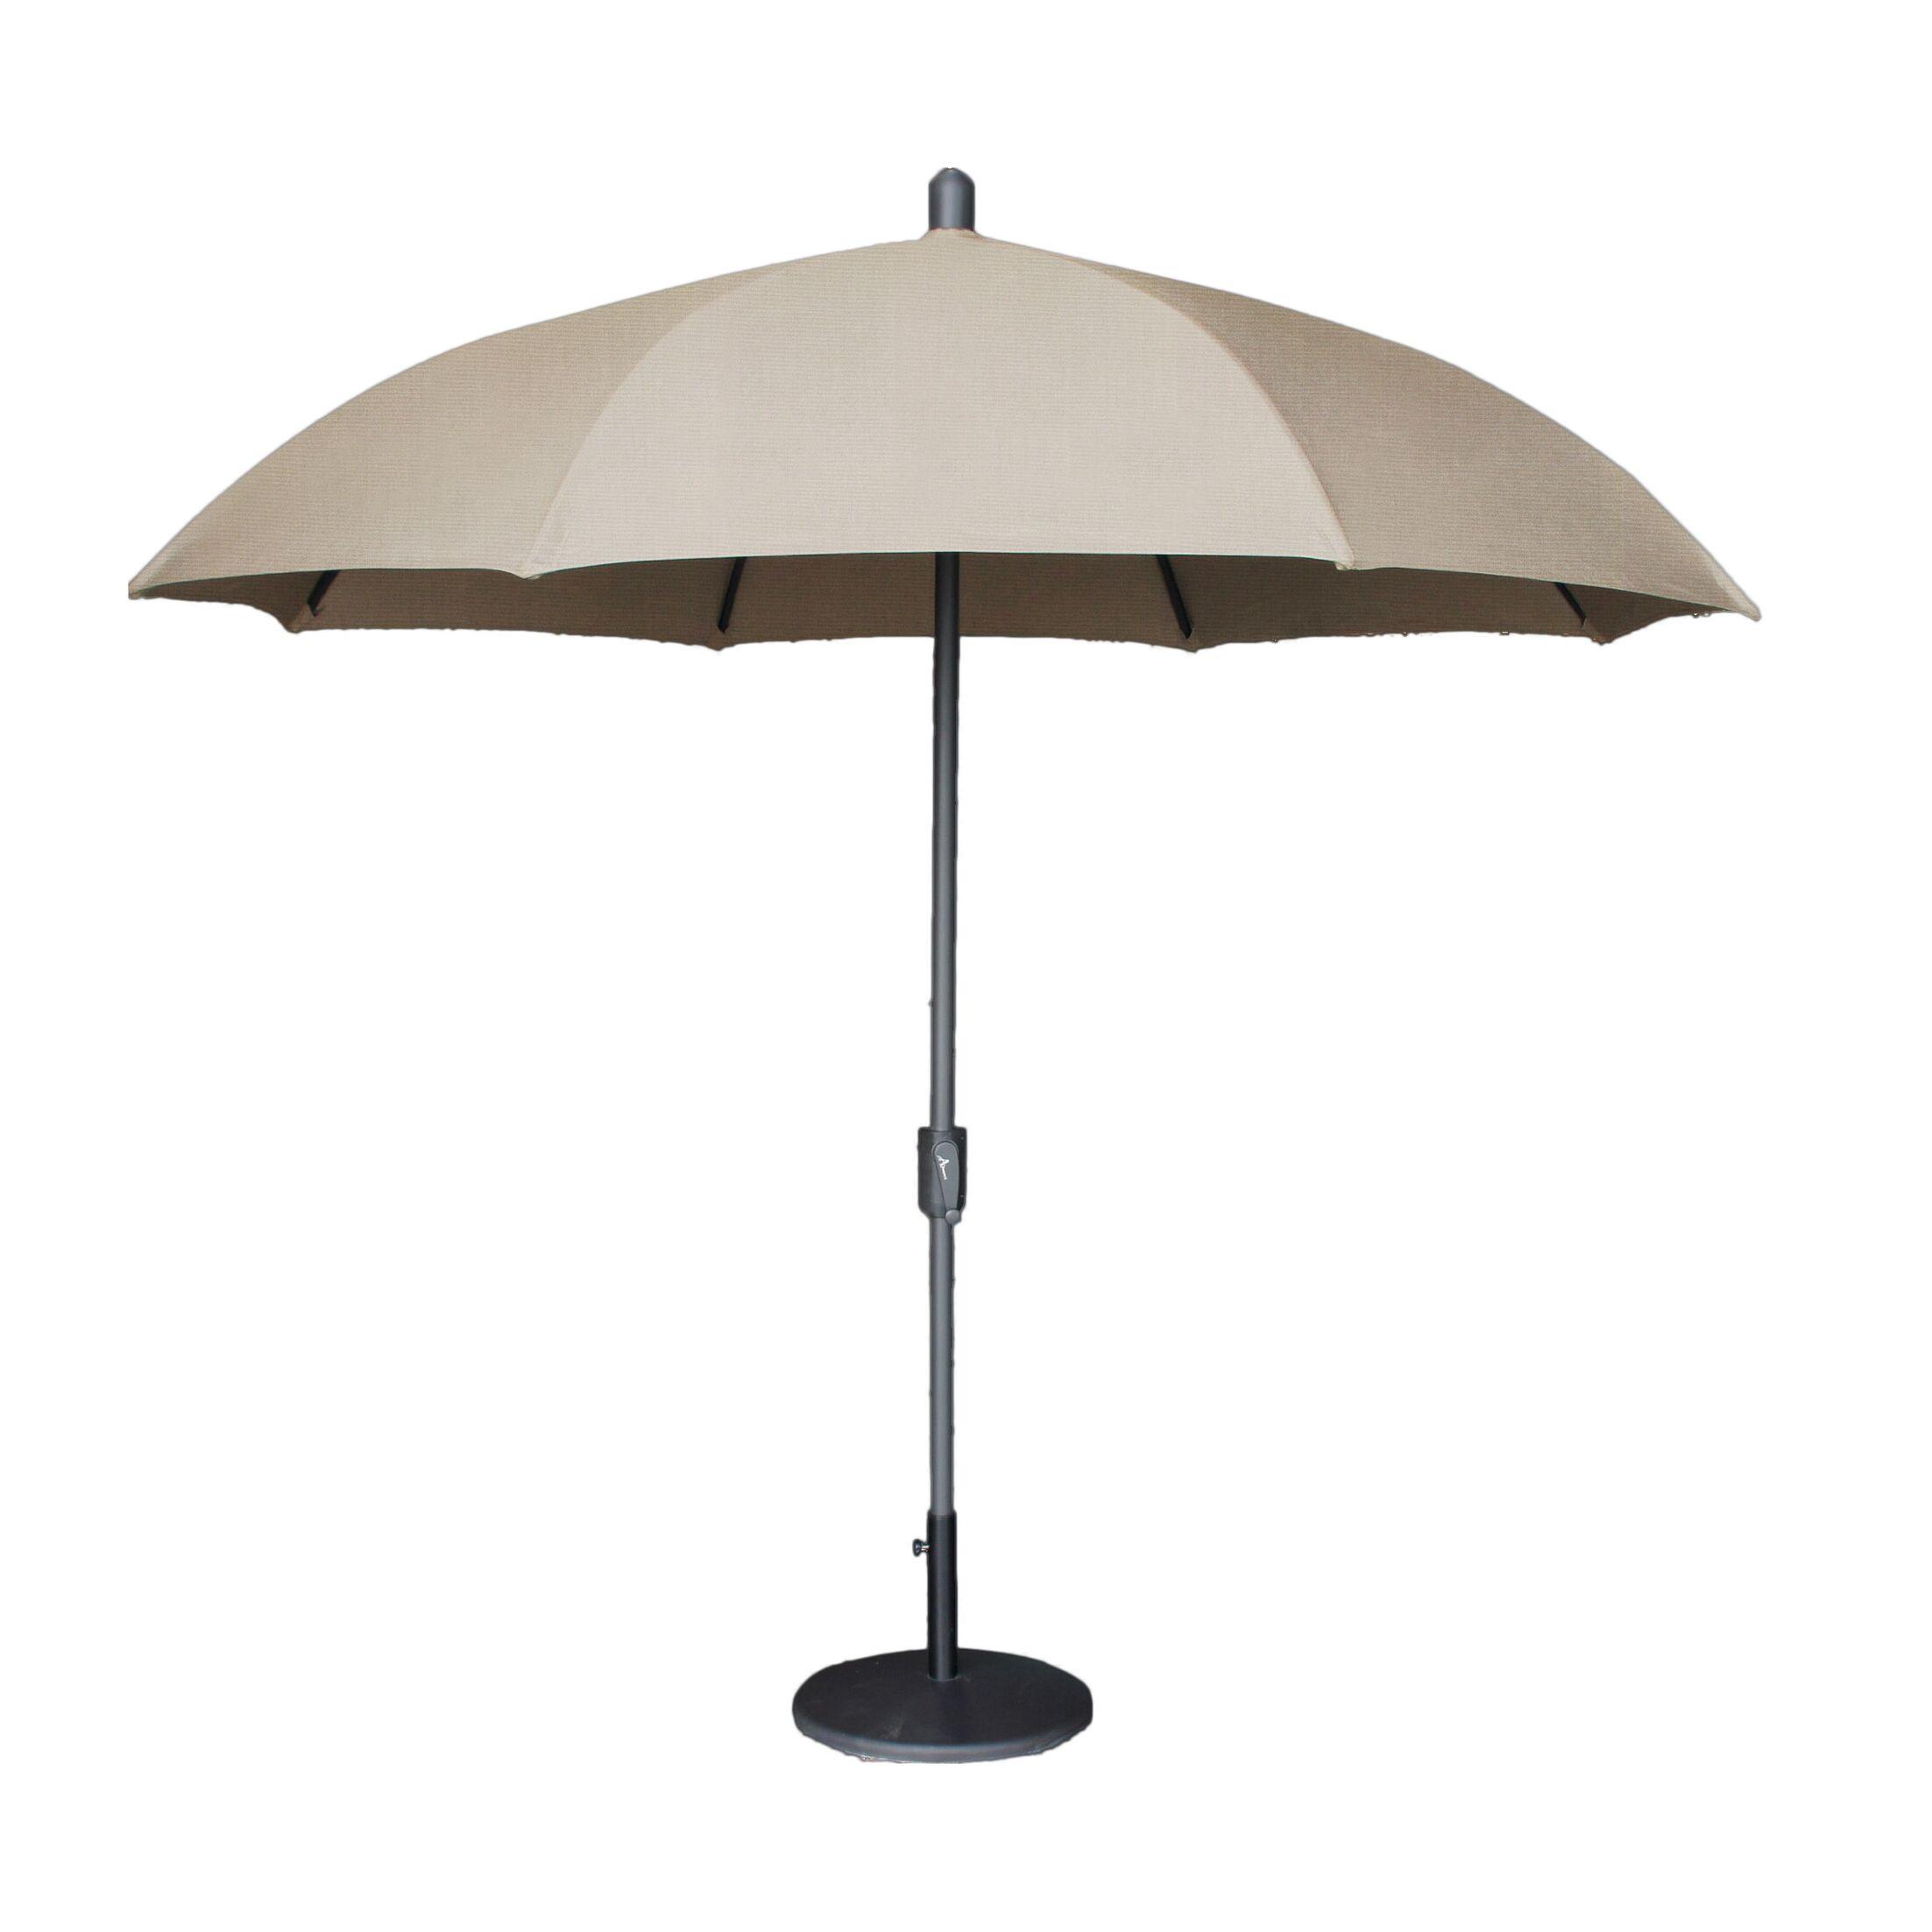 Mariam Dome 8.5' Market Sunbrella Umbrella Fabric Color: Taupe